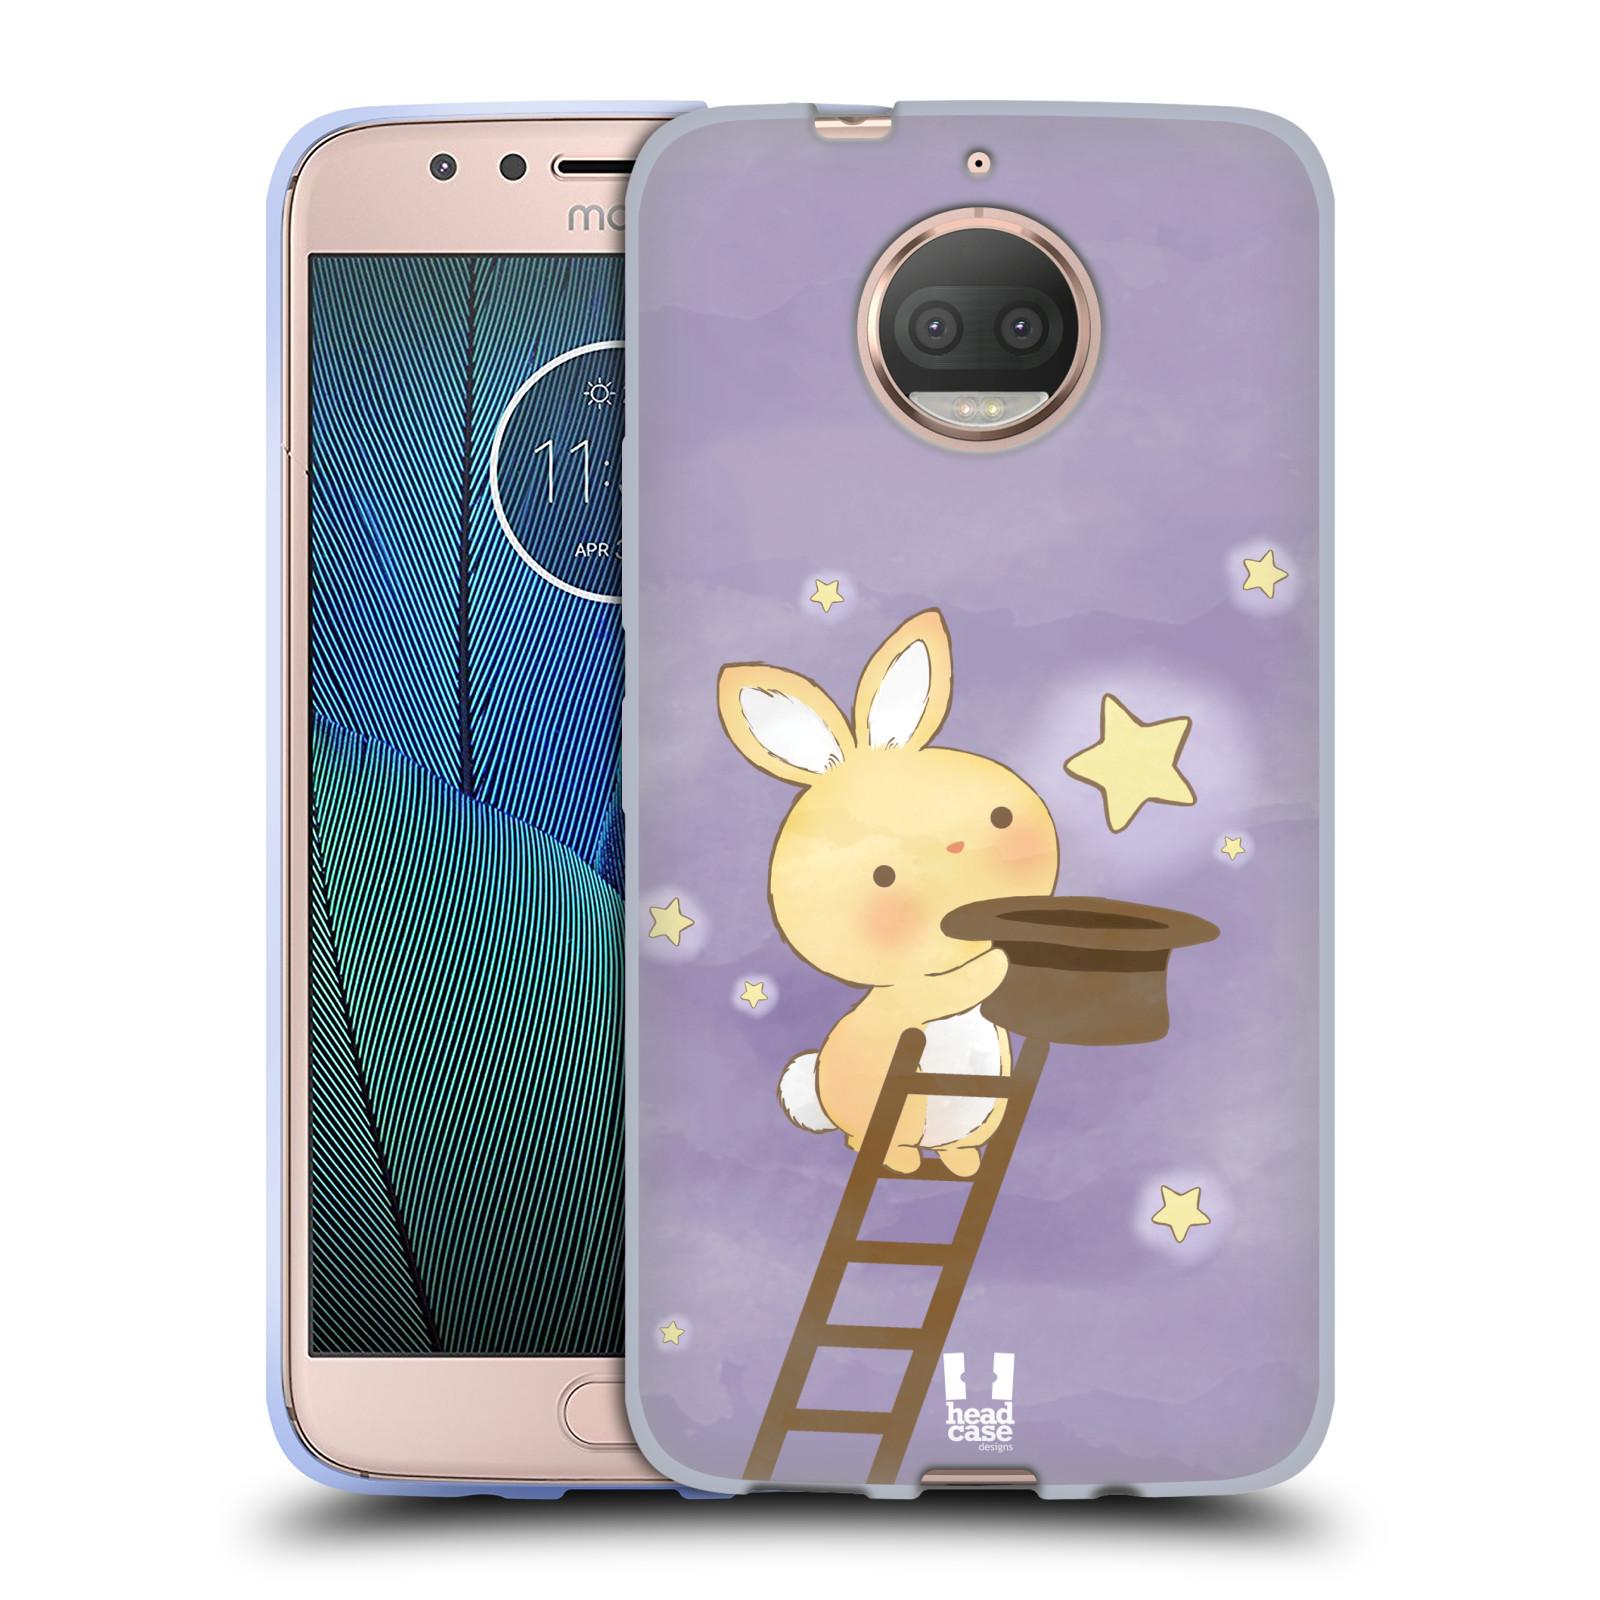 HEAD CASE silikonový obal na mobil Lenovo Moto G5s PLUS vzor králíček a hvězdy fialová